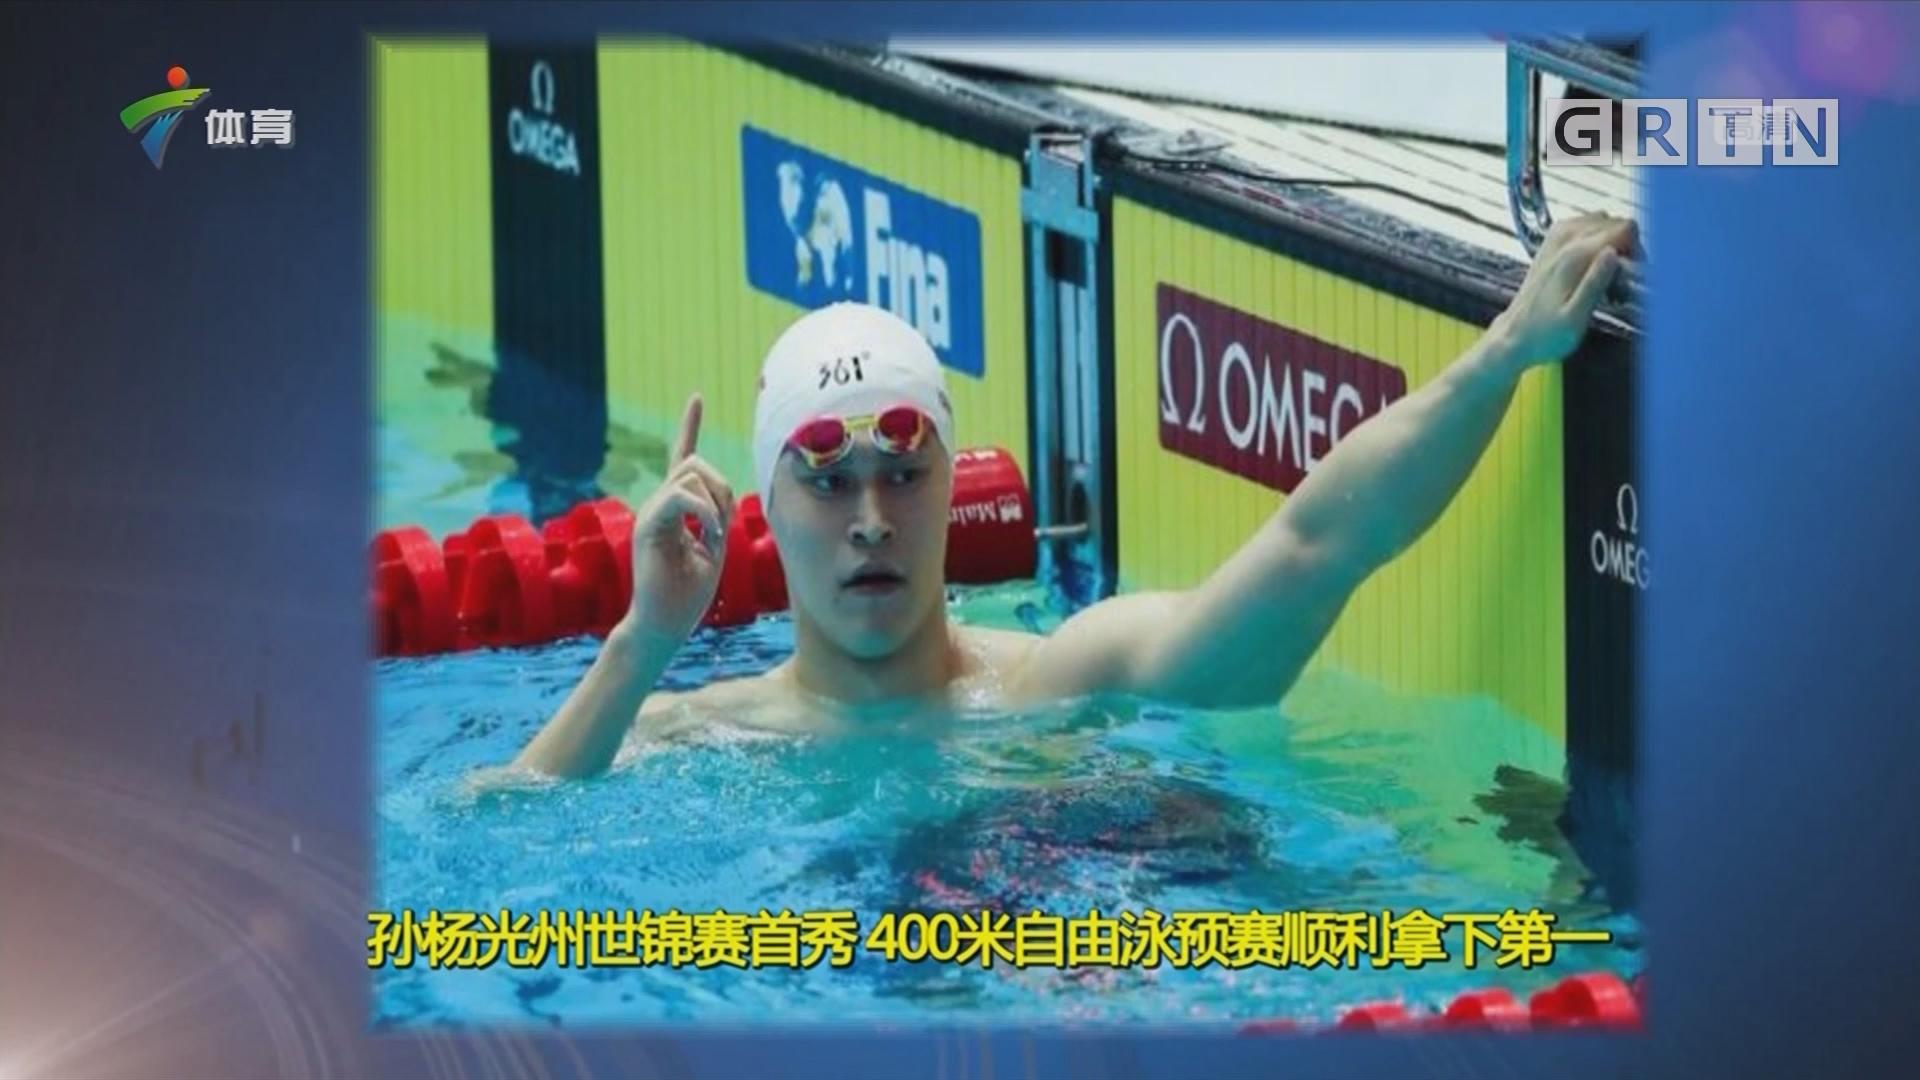 孙杨光州世锦赛首秀 400米自由泳预赛顺利拿下第一